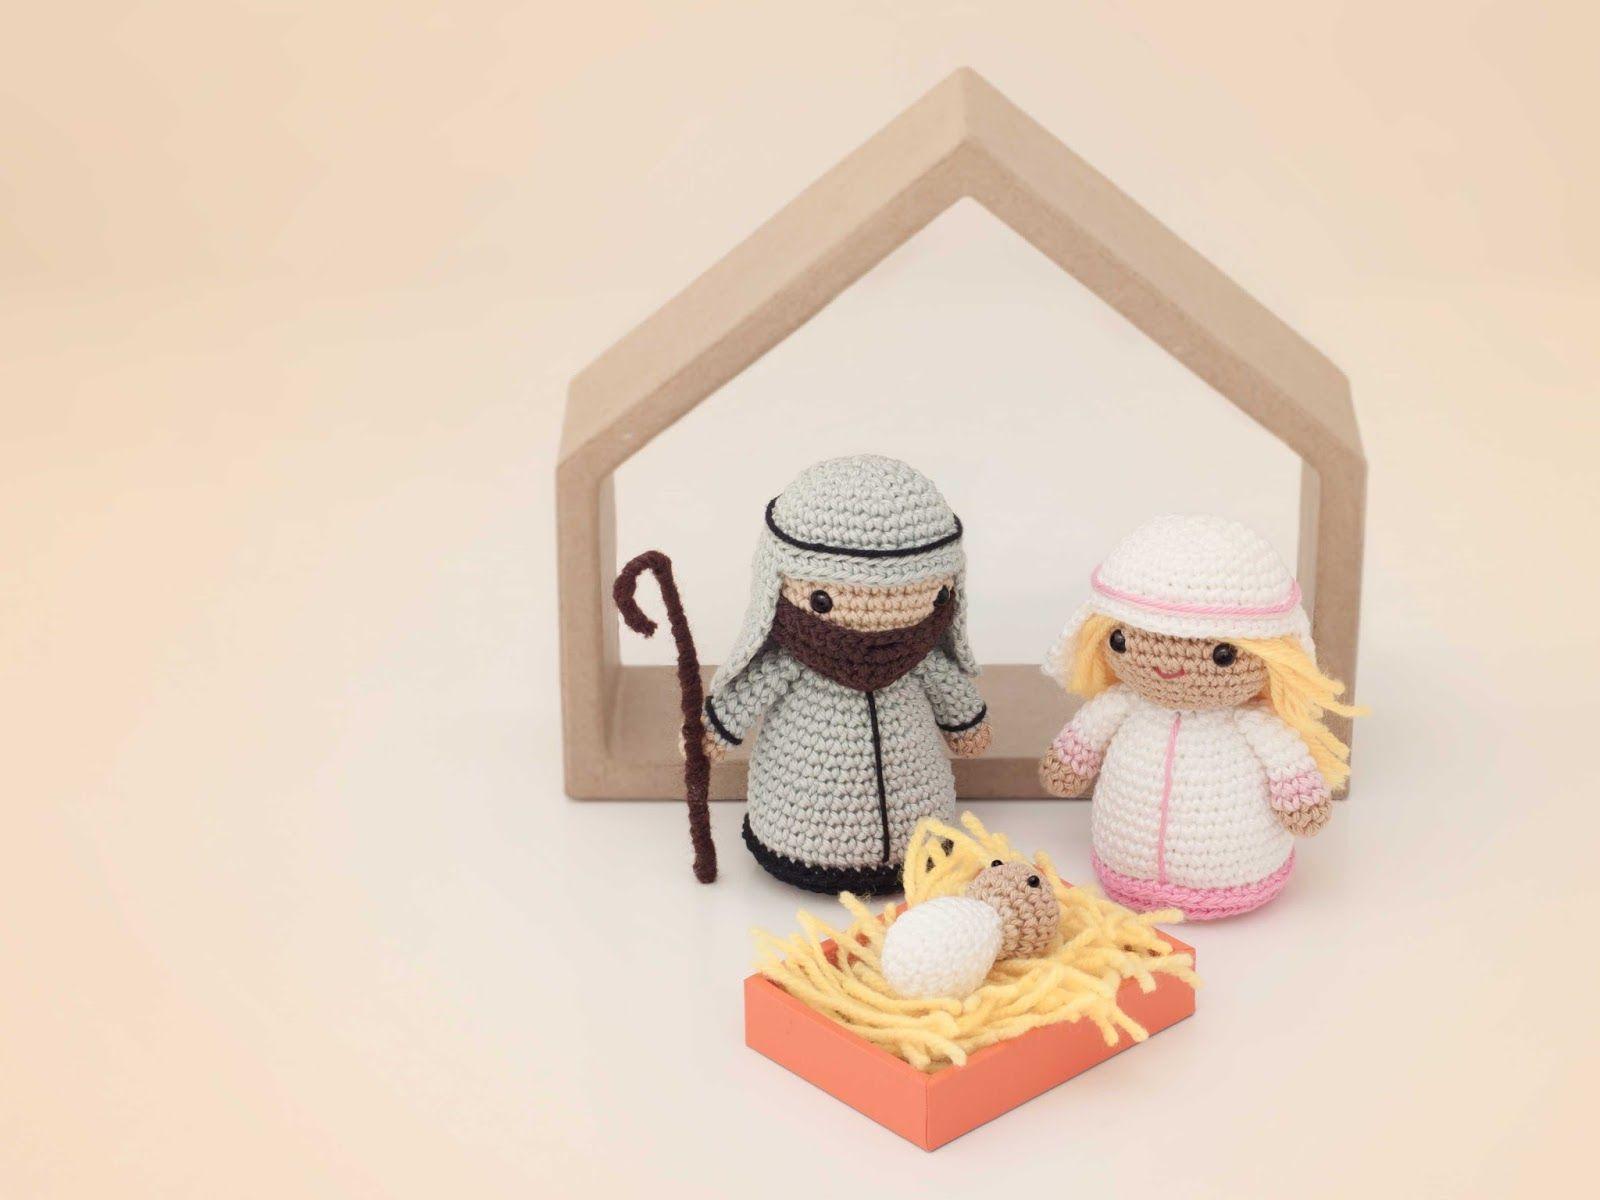 Amigurumi Navidad Nacimiento : Nacimiento amigurumis e amigos amigurumi navidad